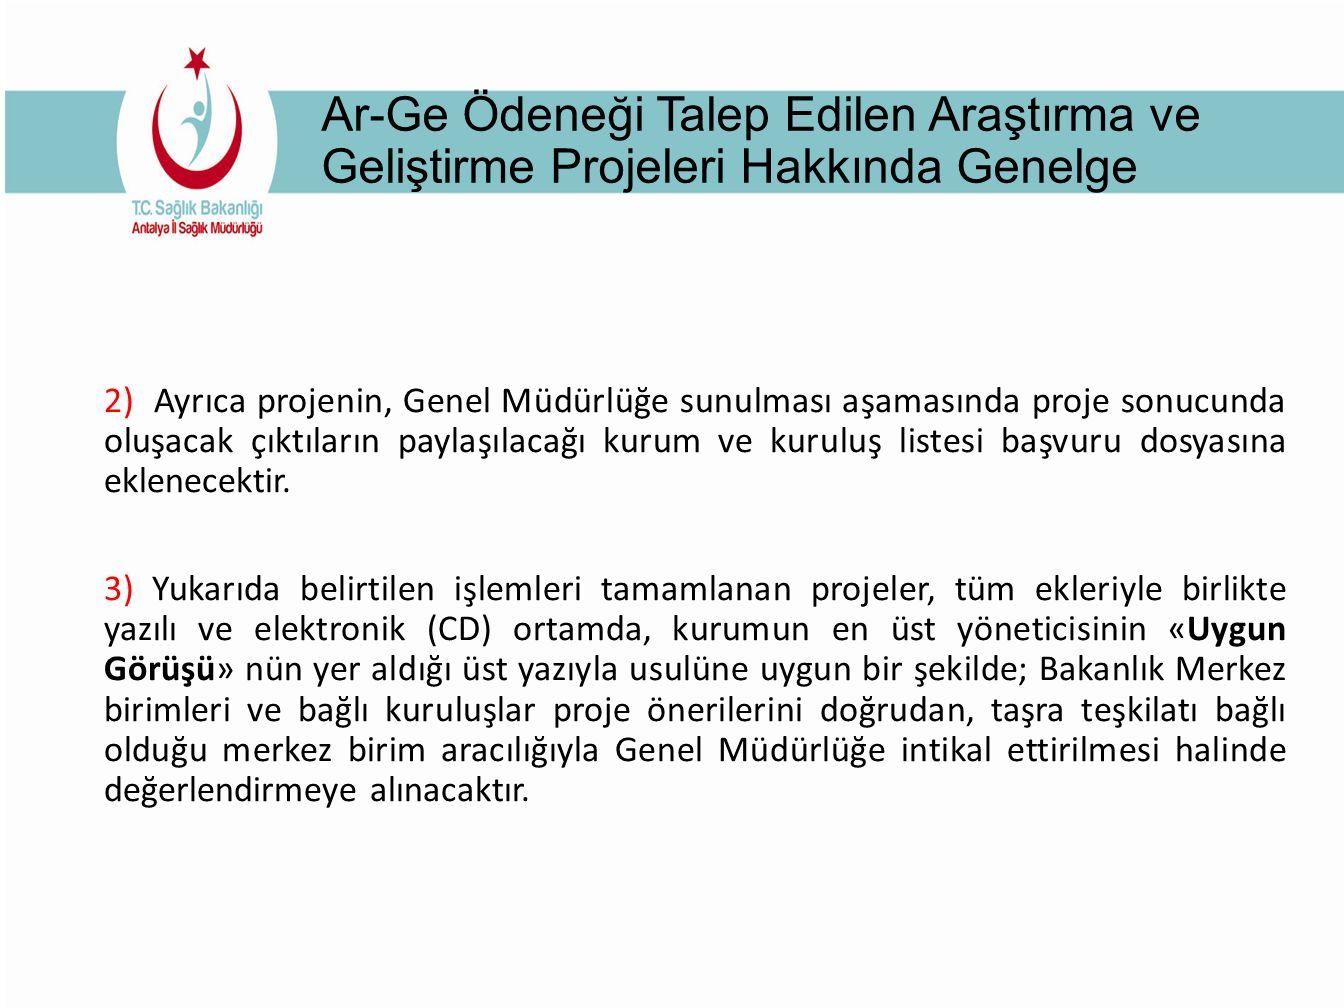 Ar-Ge Ödeneği Talep Edilen Araştırma ve Geliştirme Projeleri Hakkında Genelge 2) Ayrıca projenin, Genel Müdürlüğe sunulması aşamasında proje sonucunda oluşacak çıktıların paylaşılacağı kurum ve kuruluş listesi başvuru dosyasına eklenecektir.